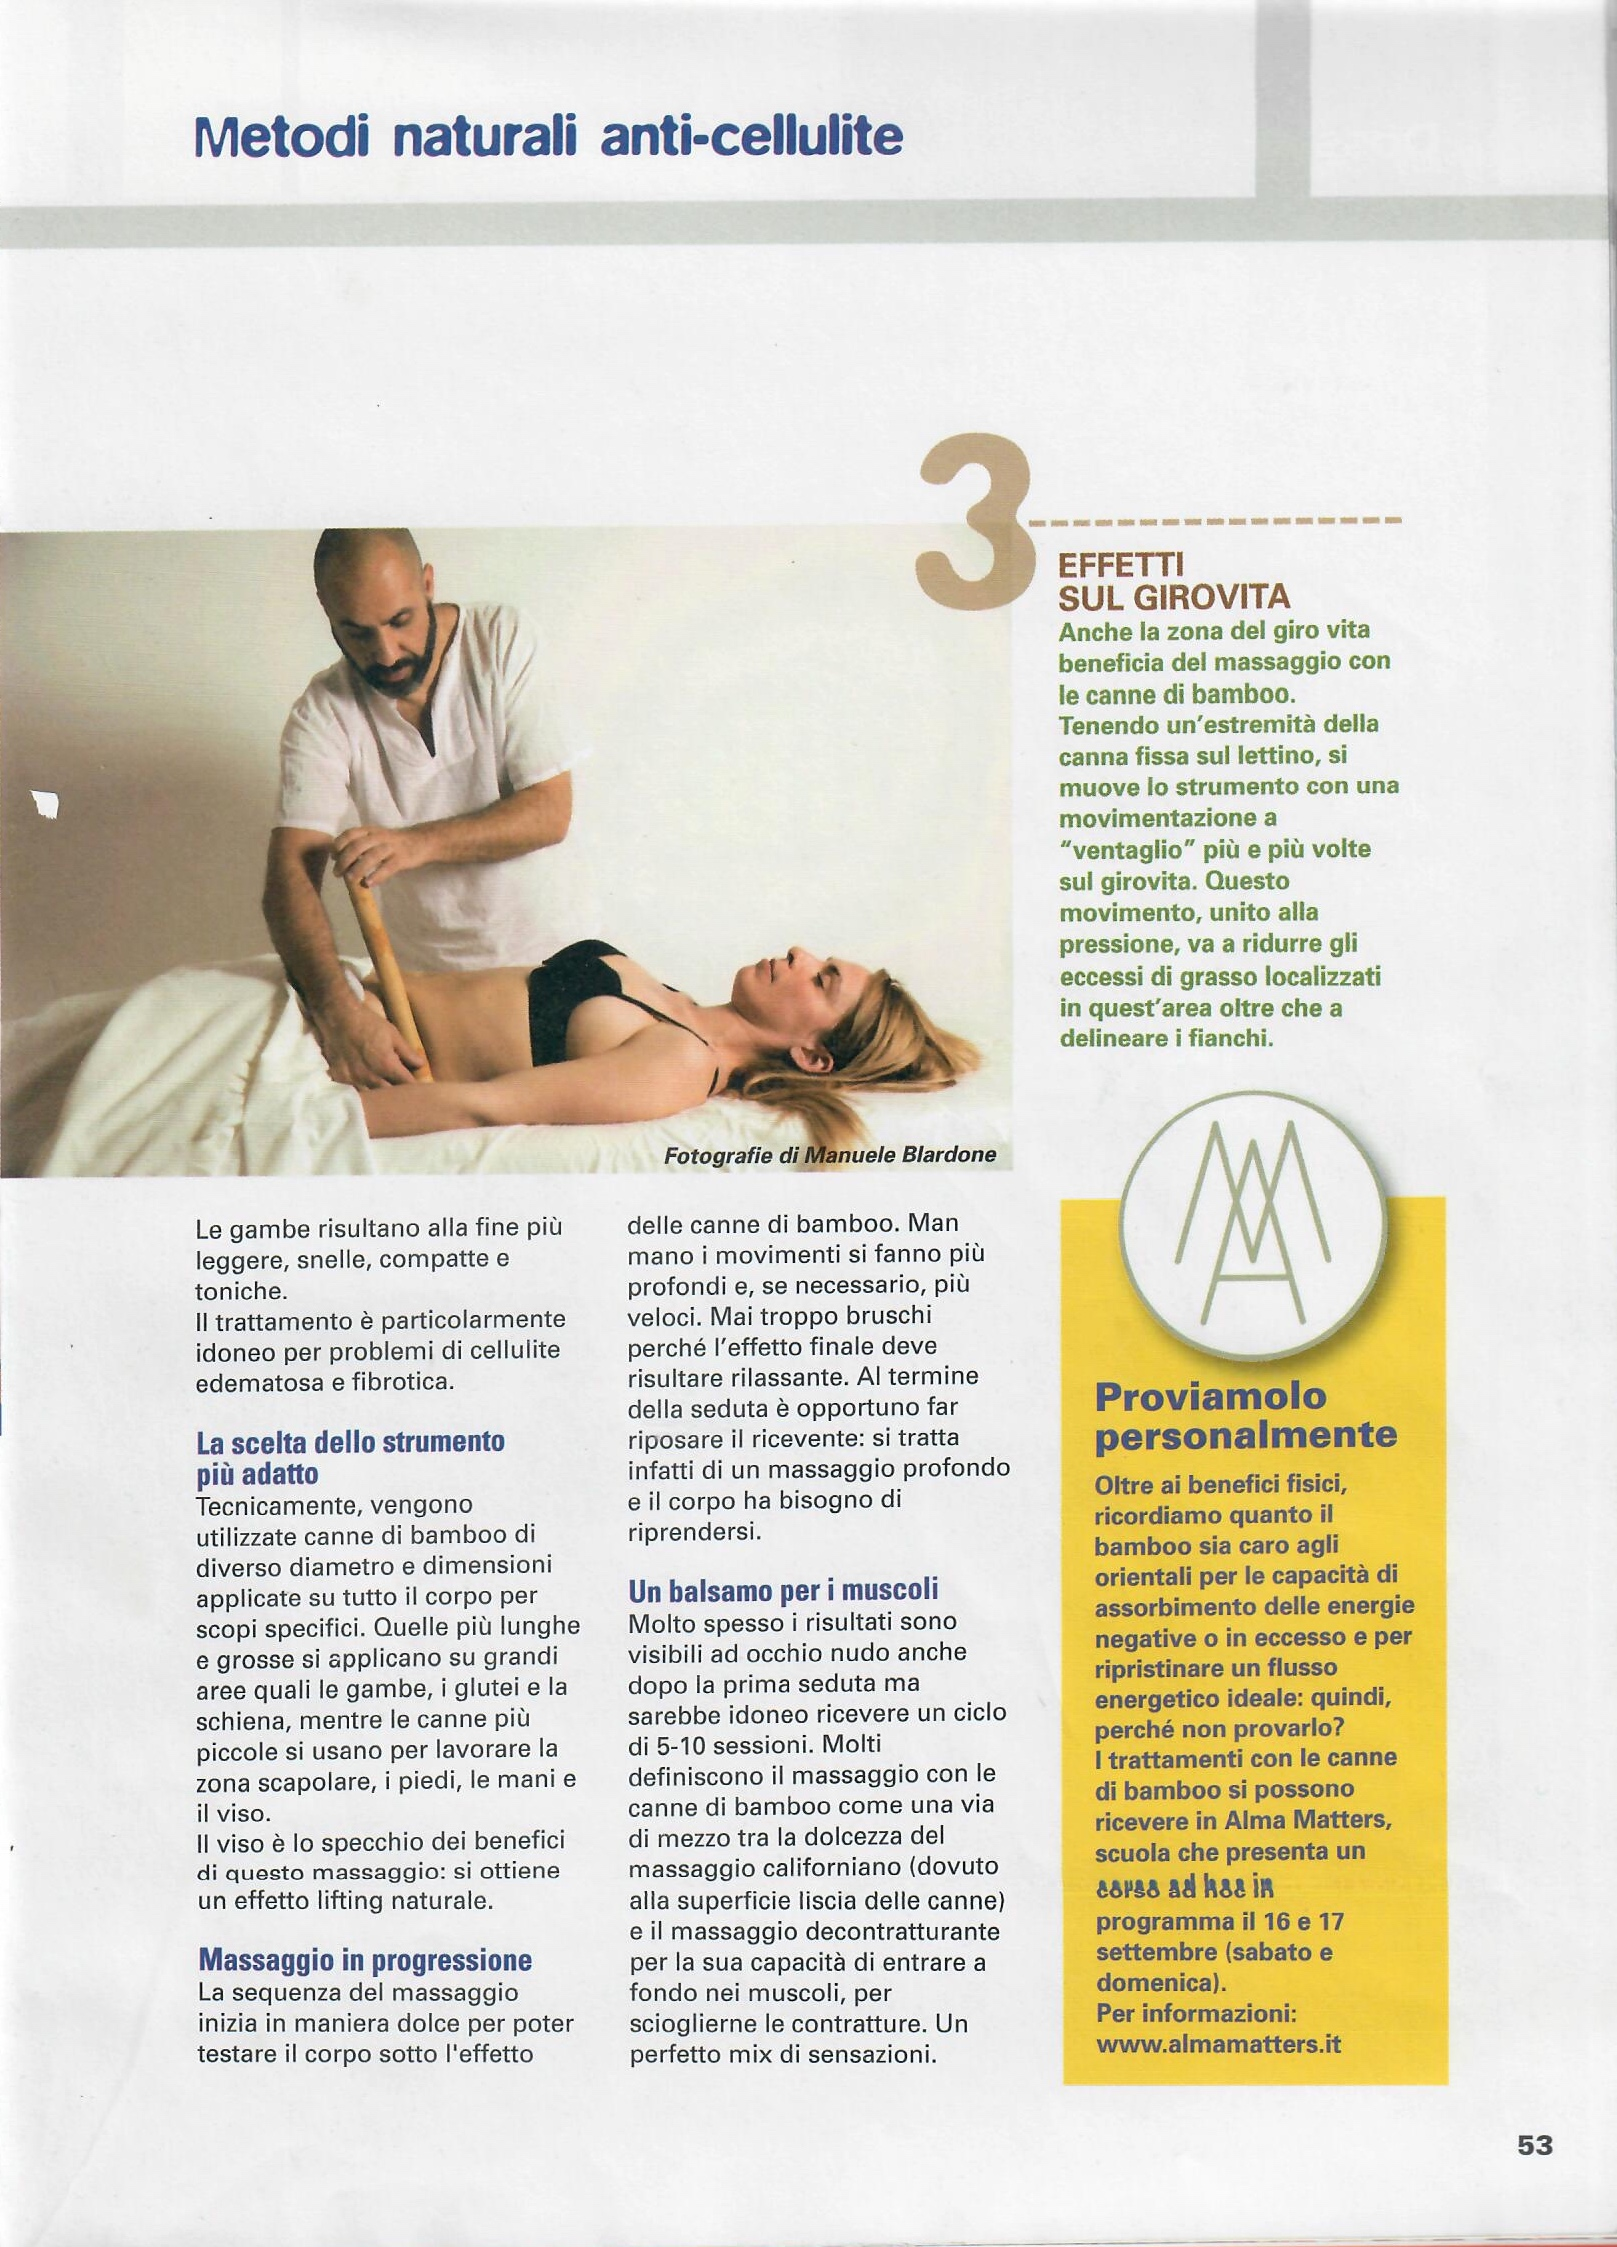 L'altra medicina n° 64 - marzo 2017 - Massaggio con i bambù - Foto di Manuele Blardone.2